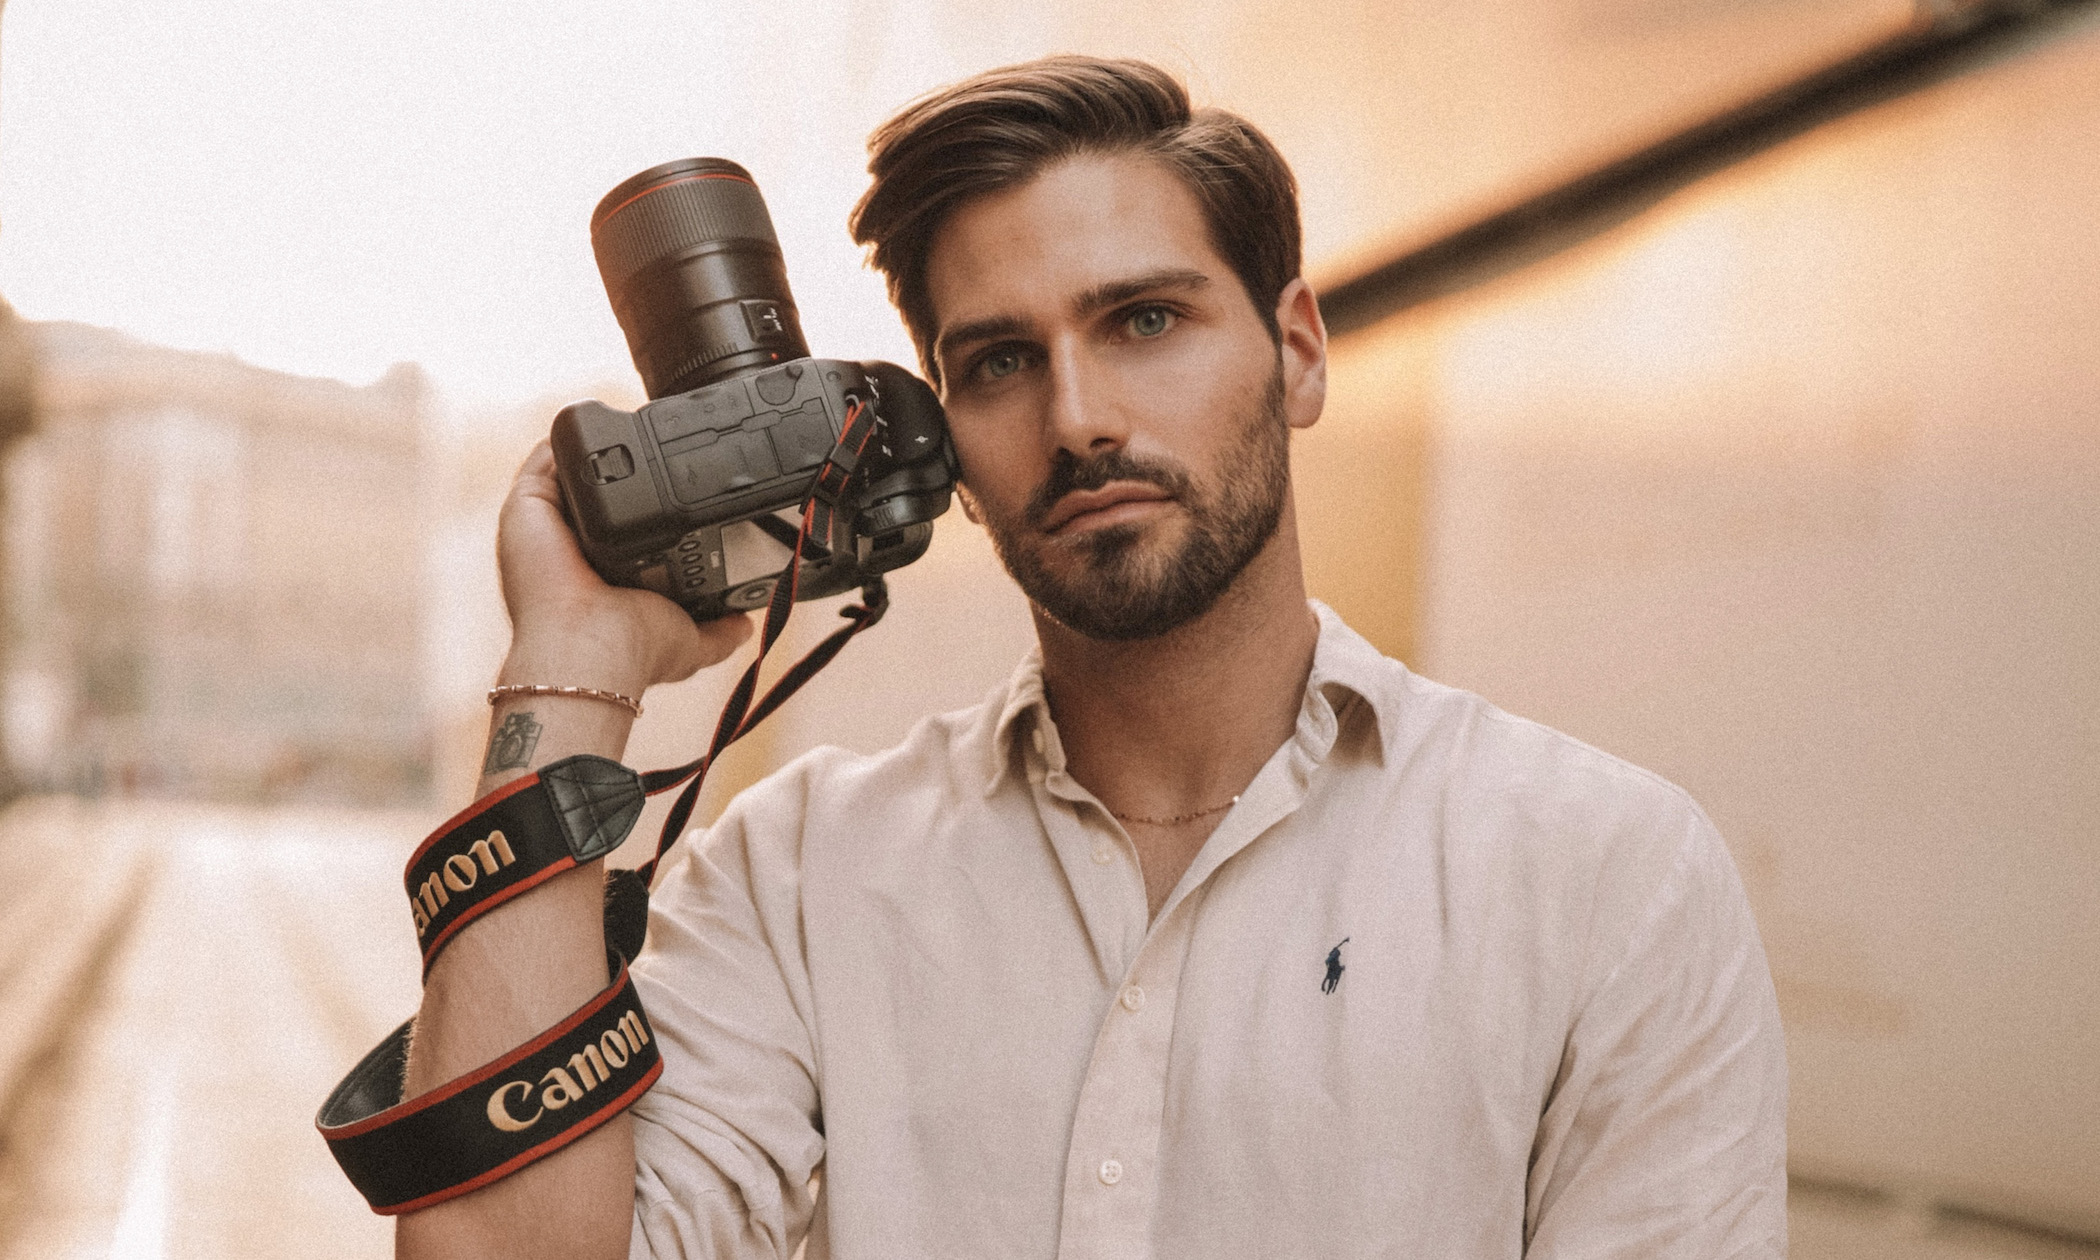 scatti-in-sfumature-d'arancio:-cosi-questo-fotografo-di-moda-abruzzese-immortala-modelle-e-influencer-di-tutto-il-mondo